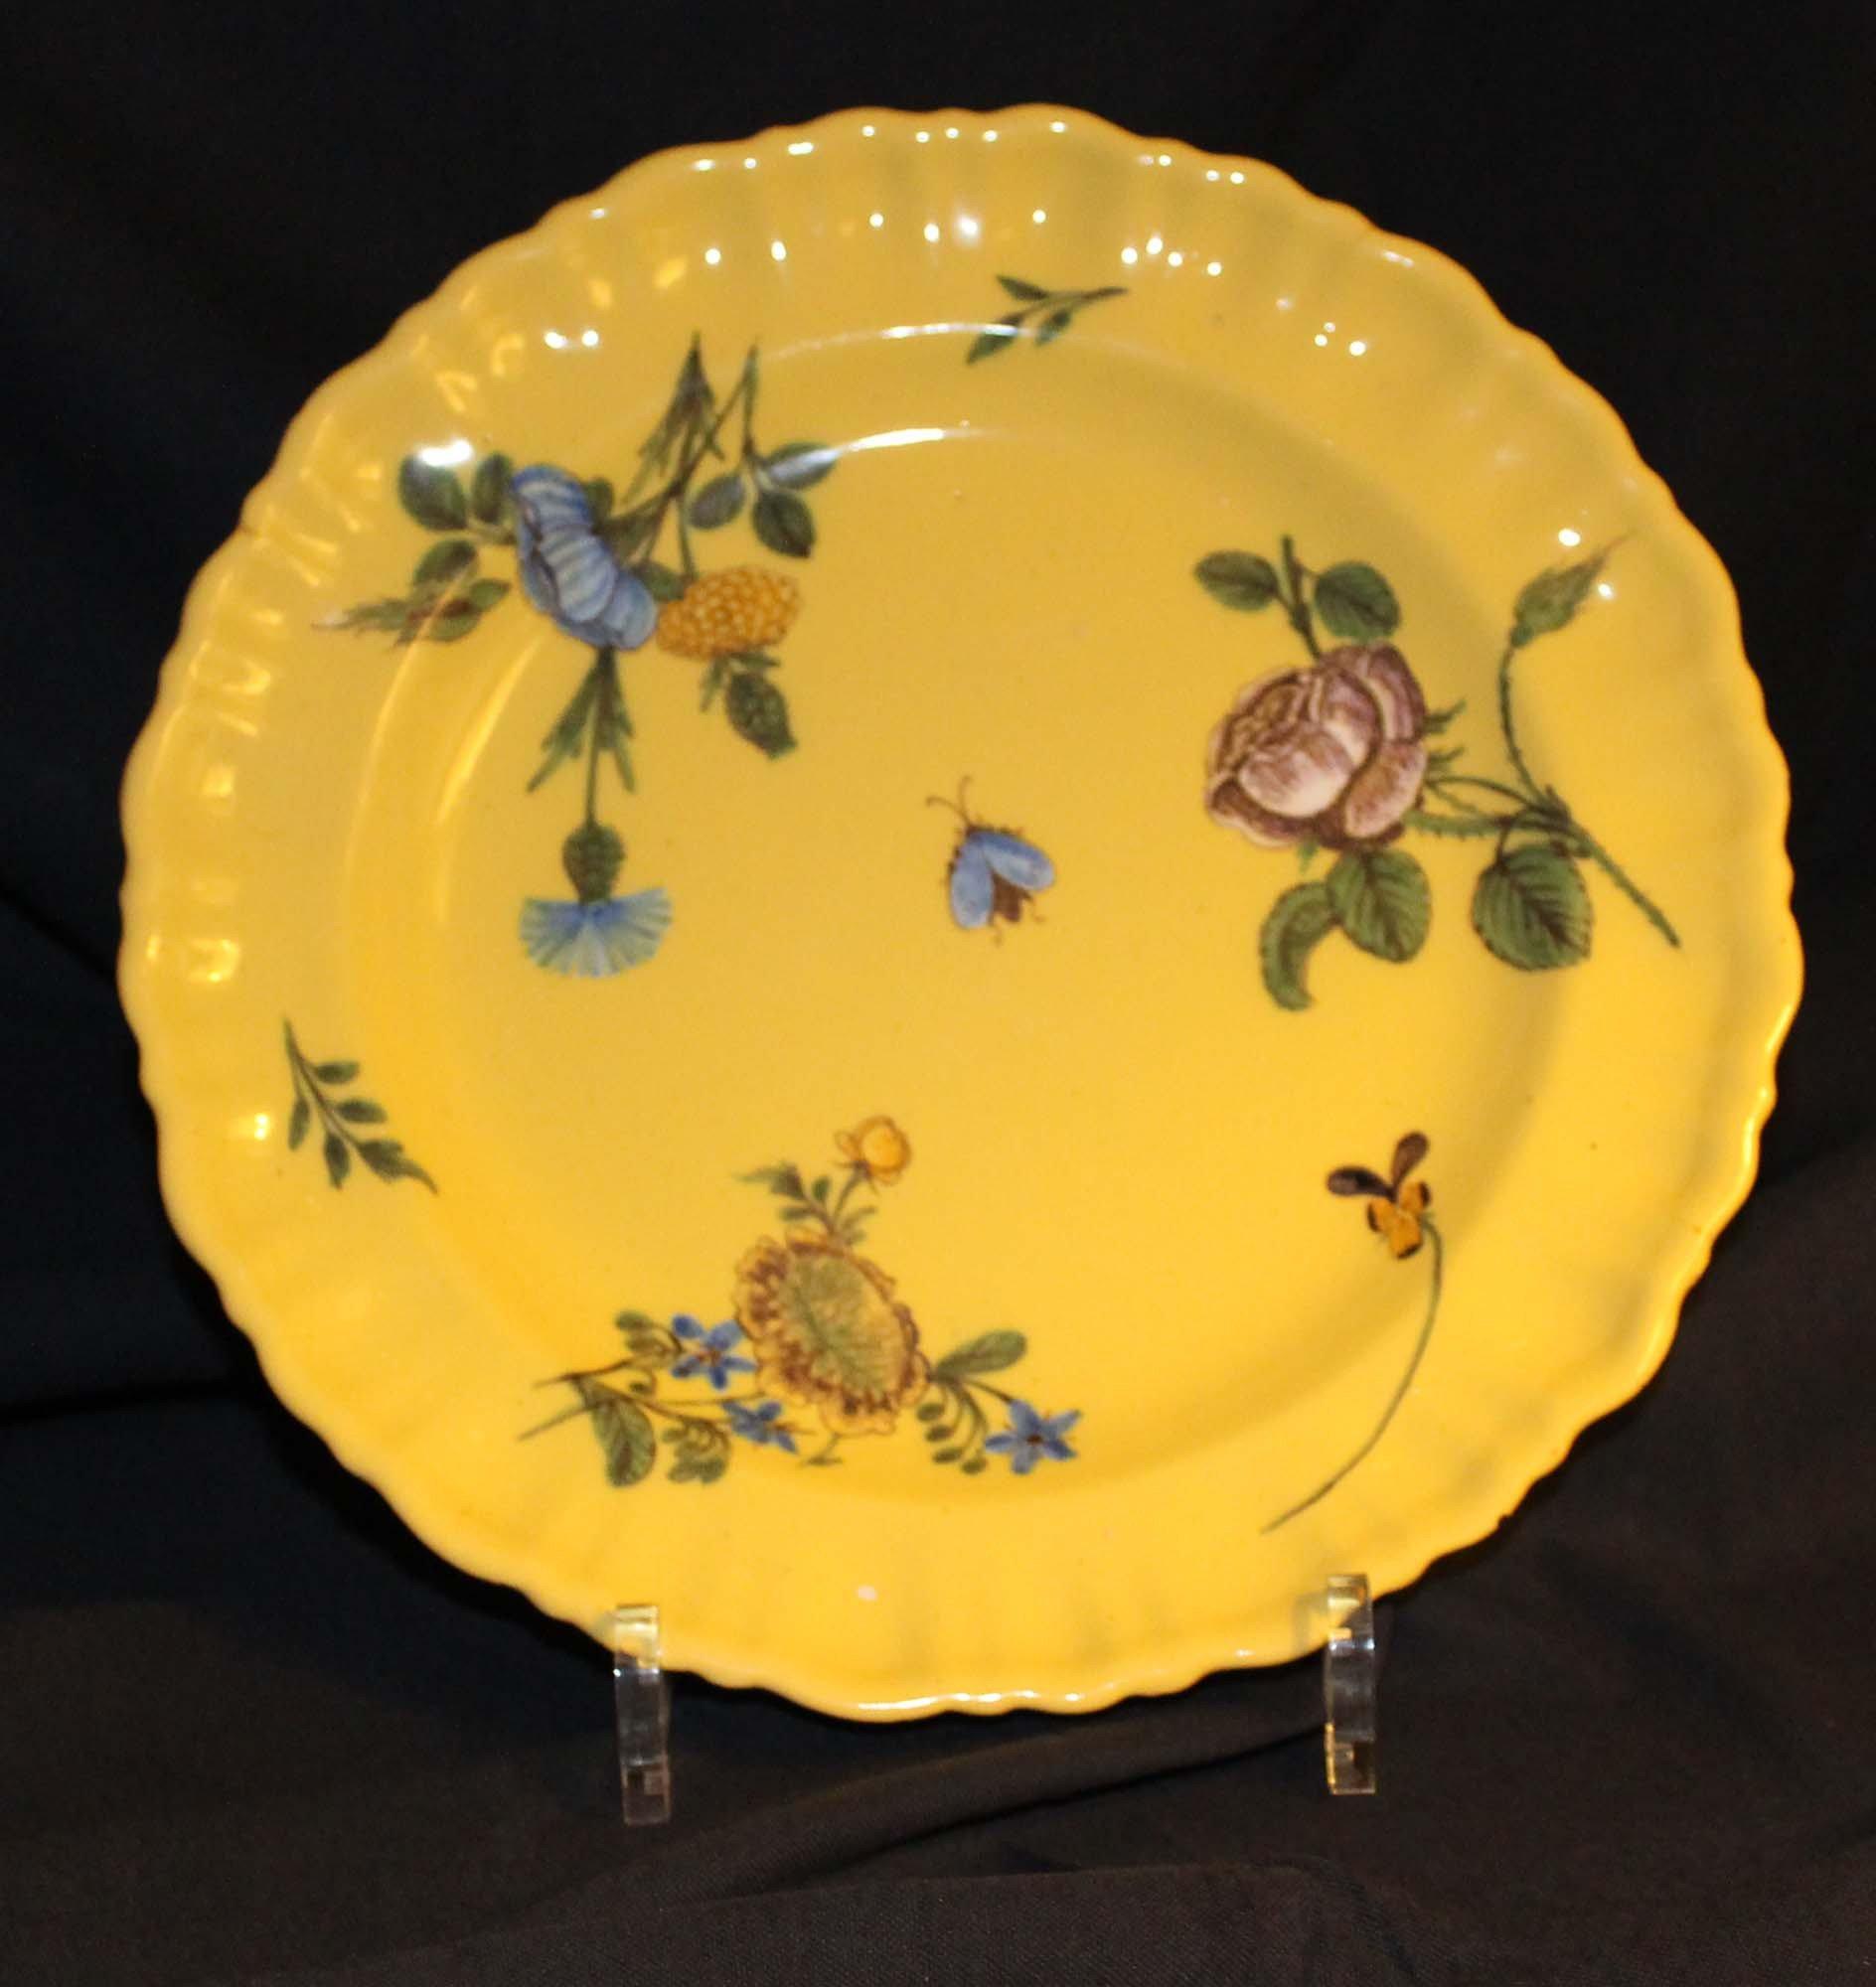 galerie Bosetti antiquités moustiers 18ème décor jaune floral